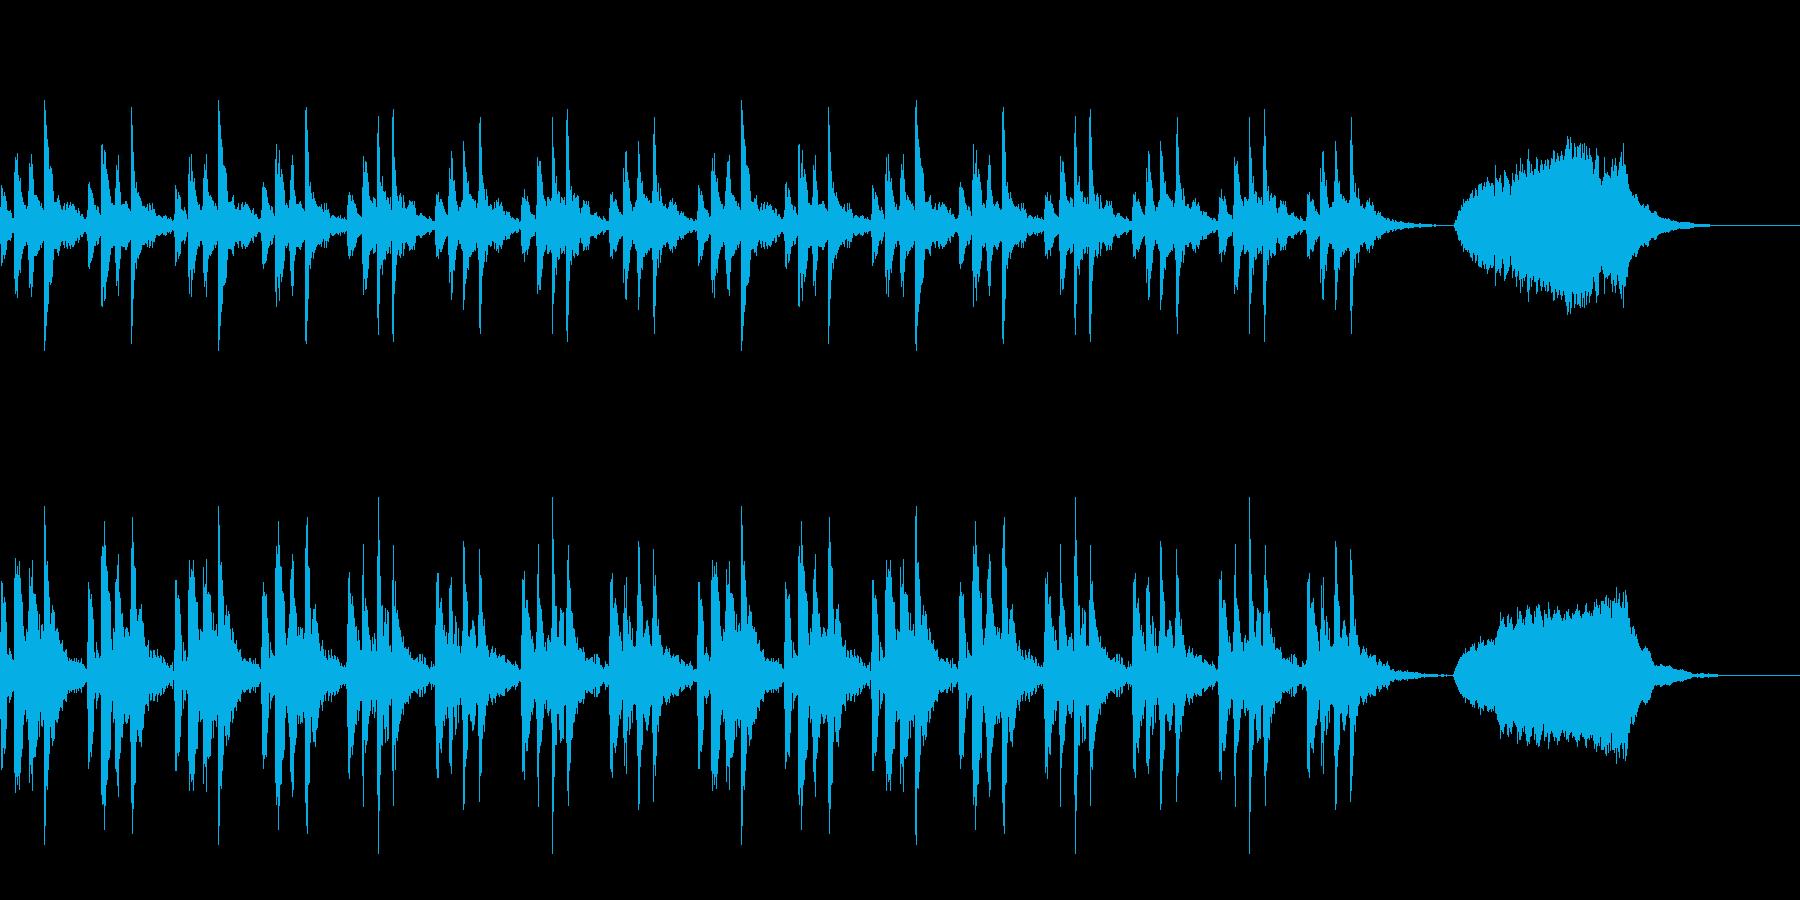 弦楽音 CM RPG ドラマチック 上品の再生済みの波形